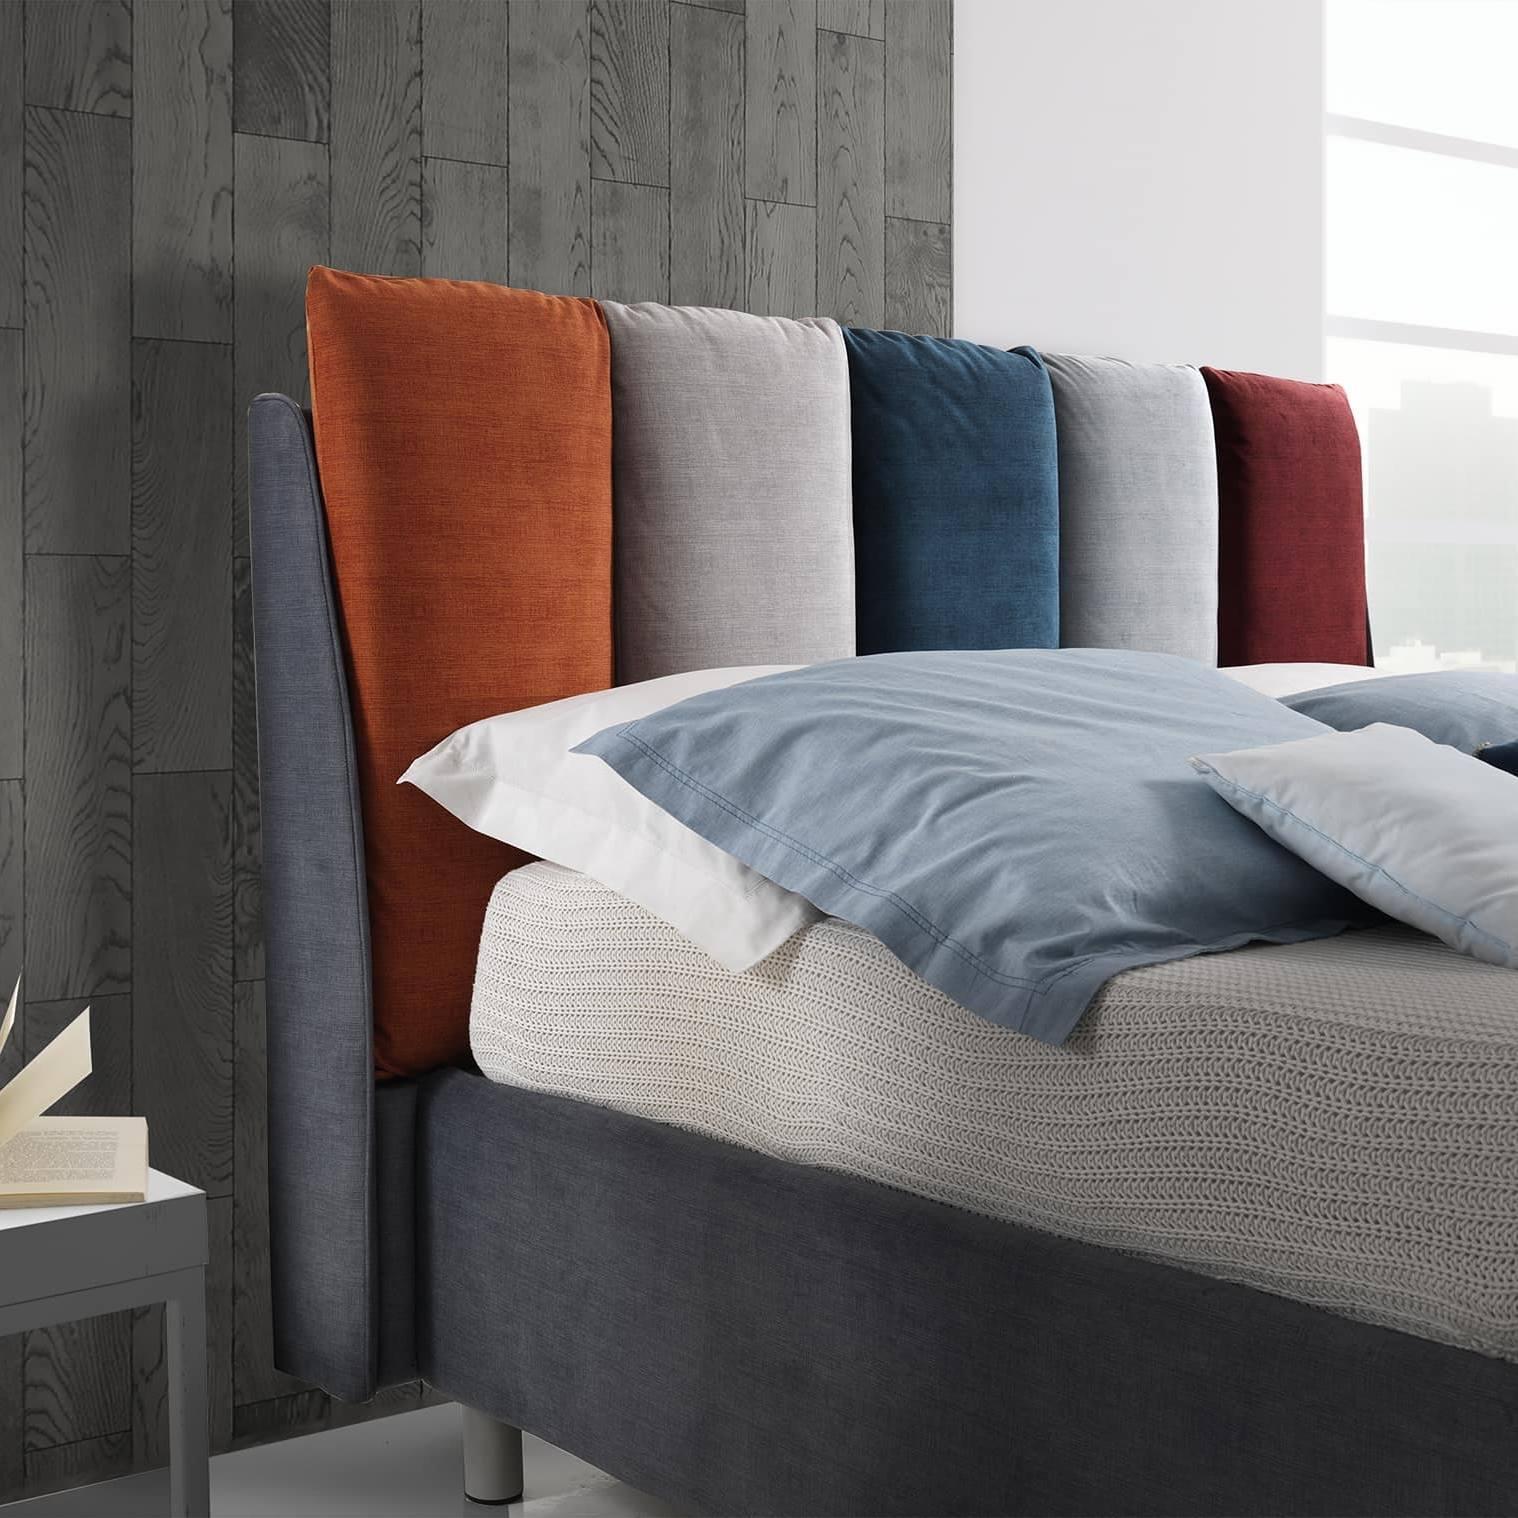 Pillow (cuscini spalliera intercambiabili, personalizzabili, double face)